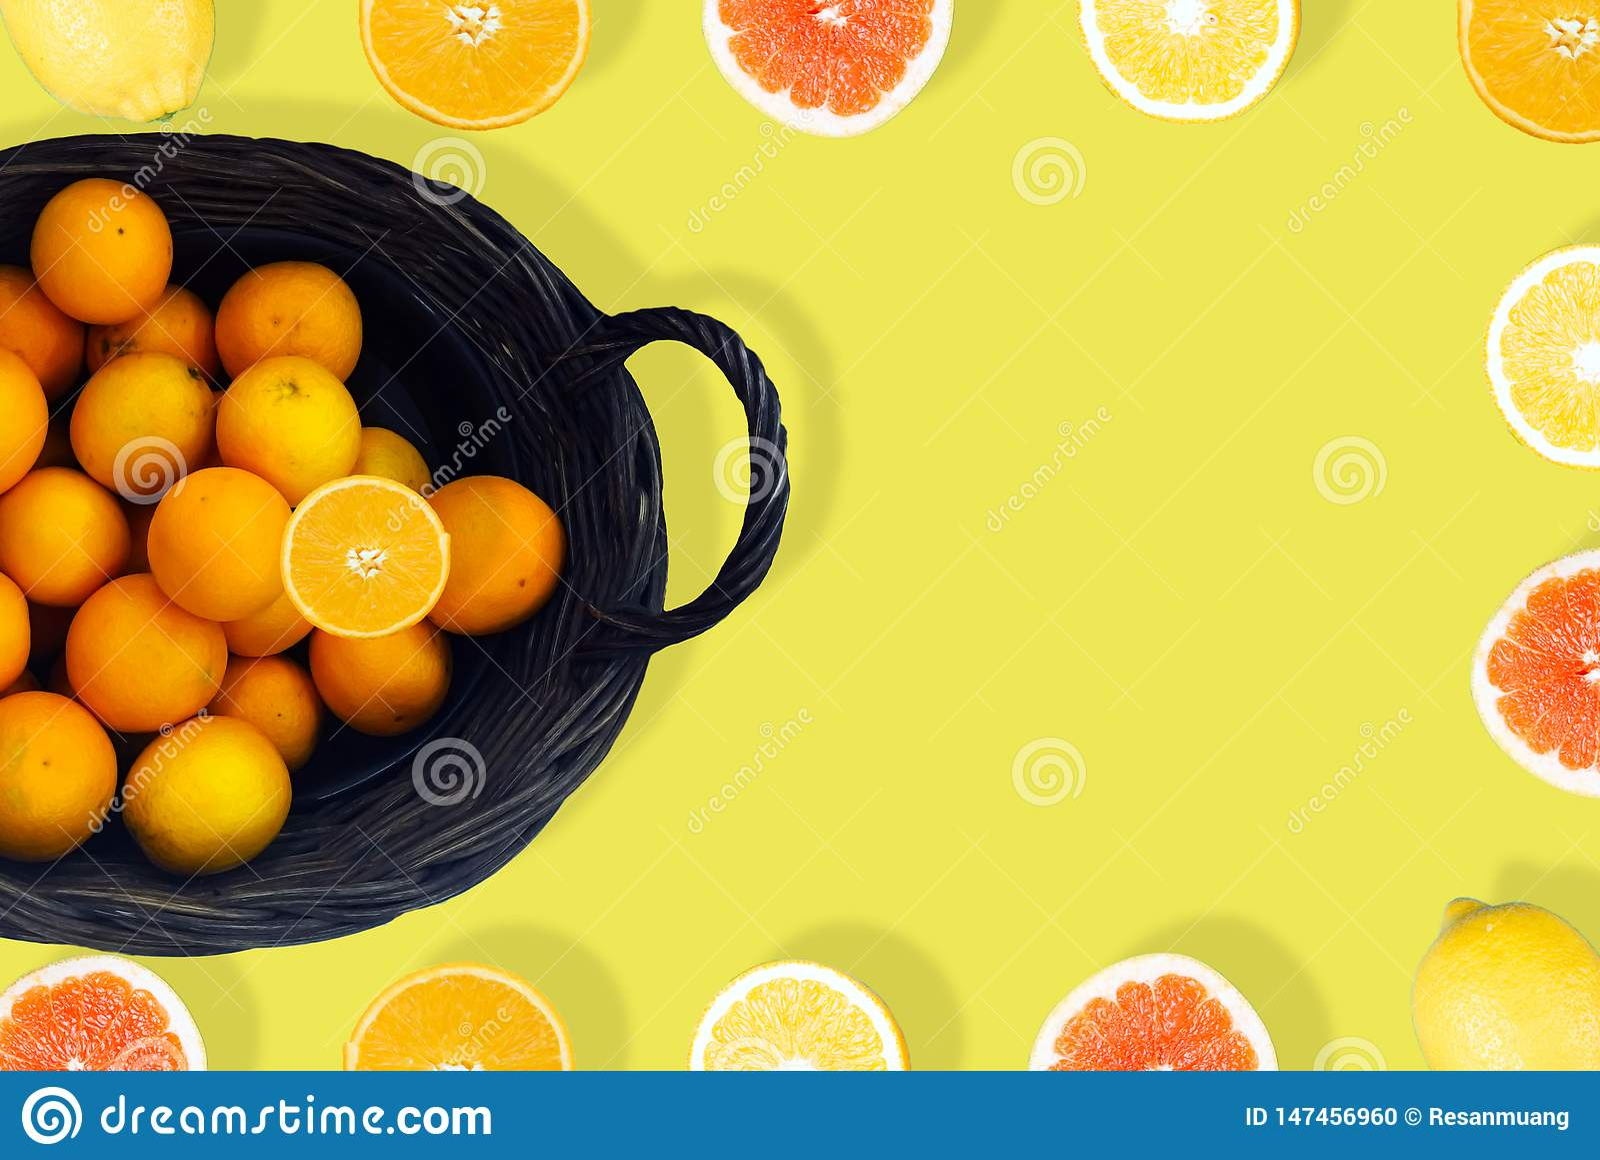 Sok pomarańczowy na Żółtym tle z góry